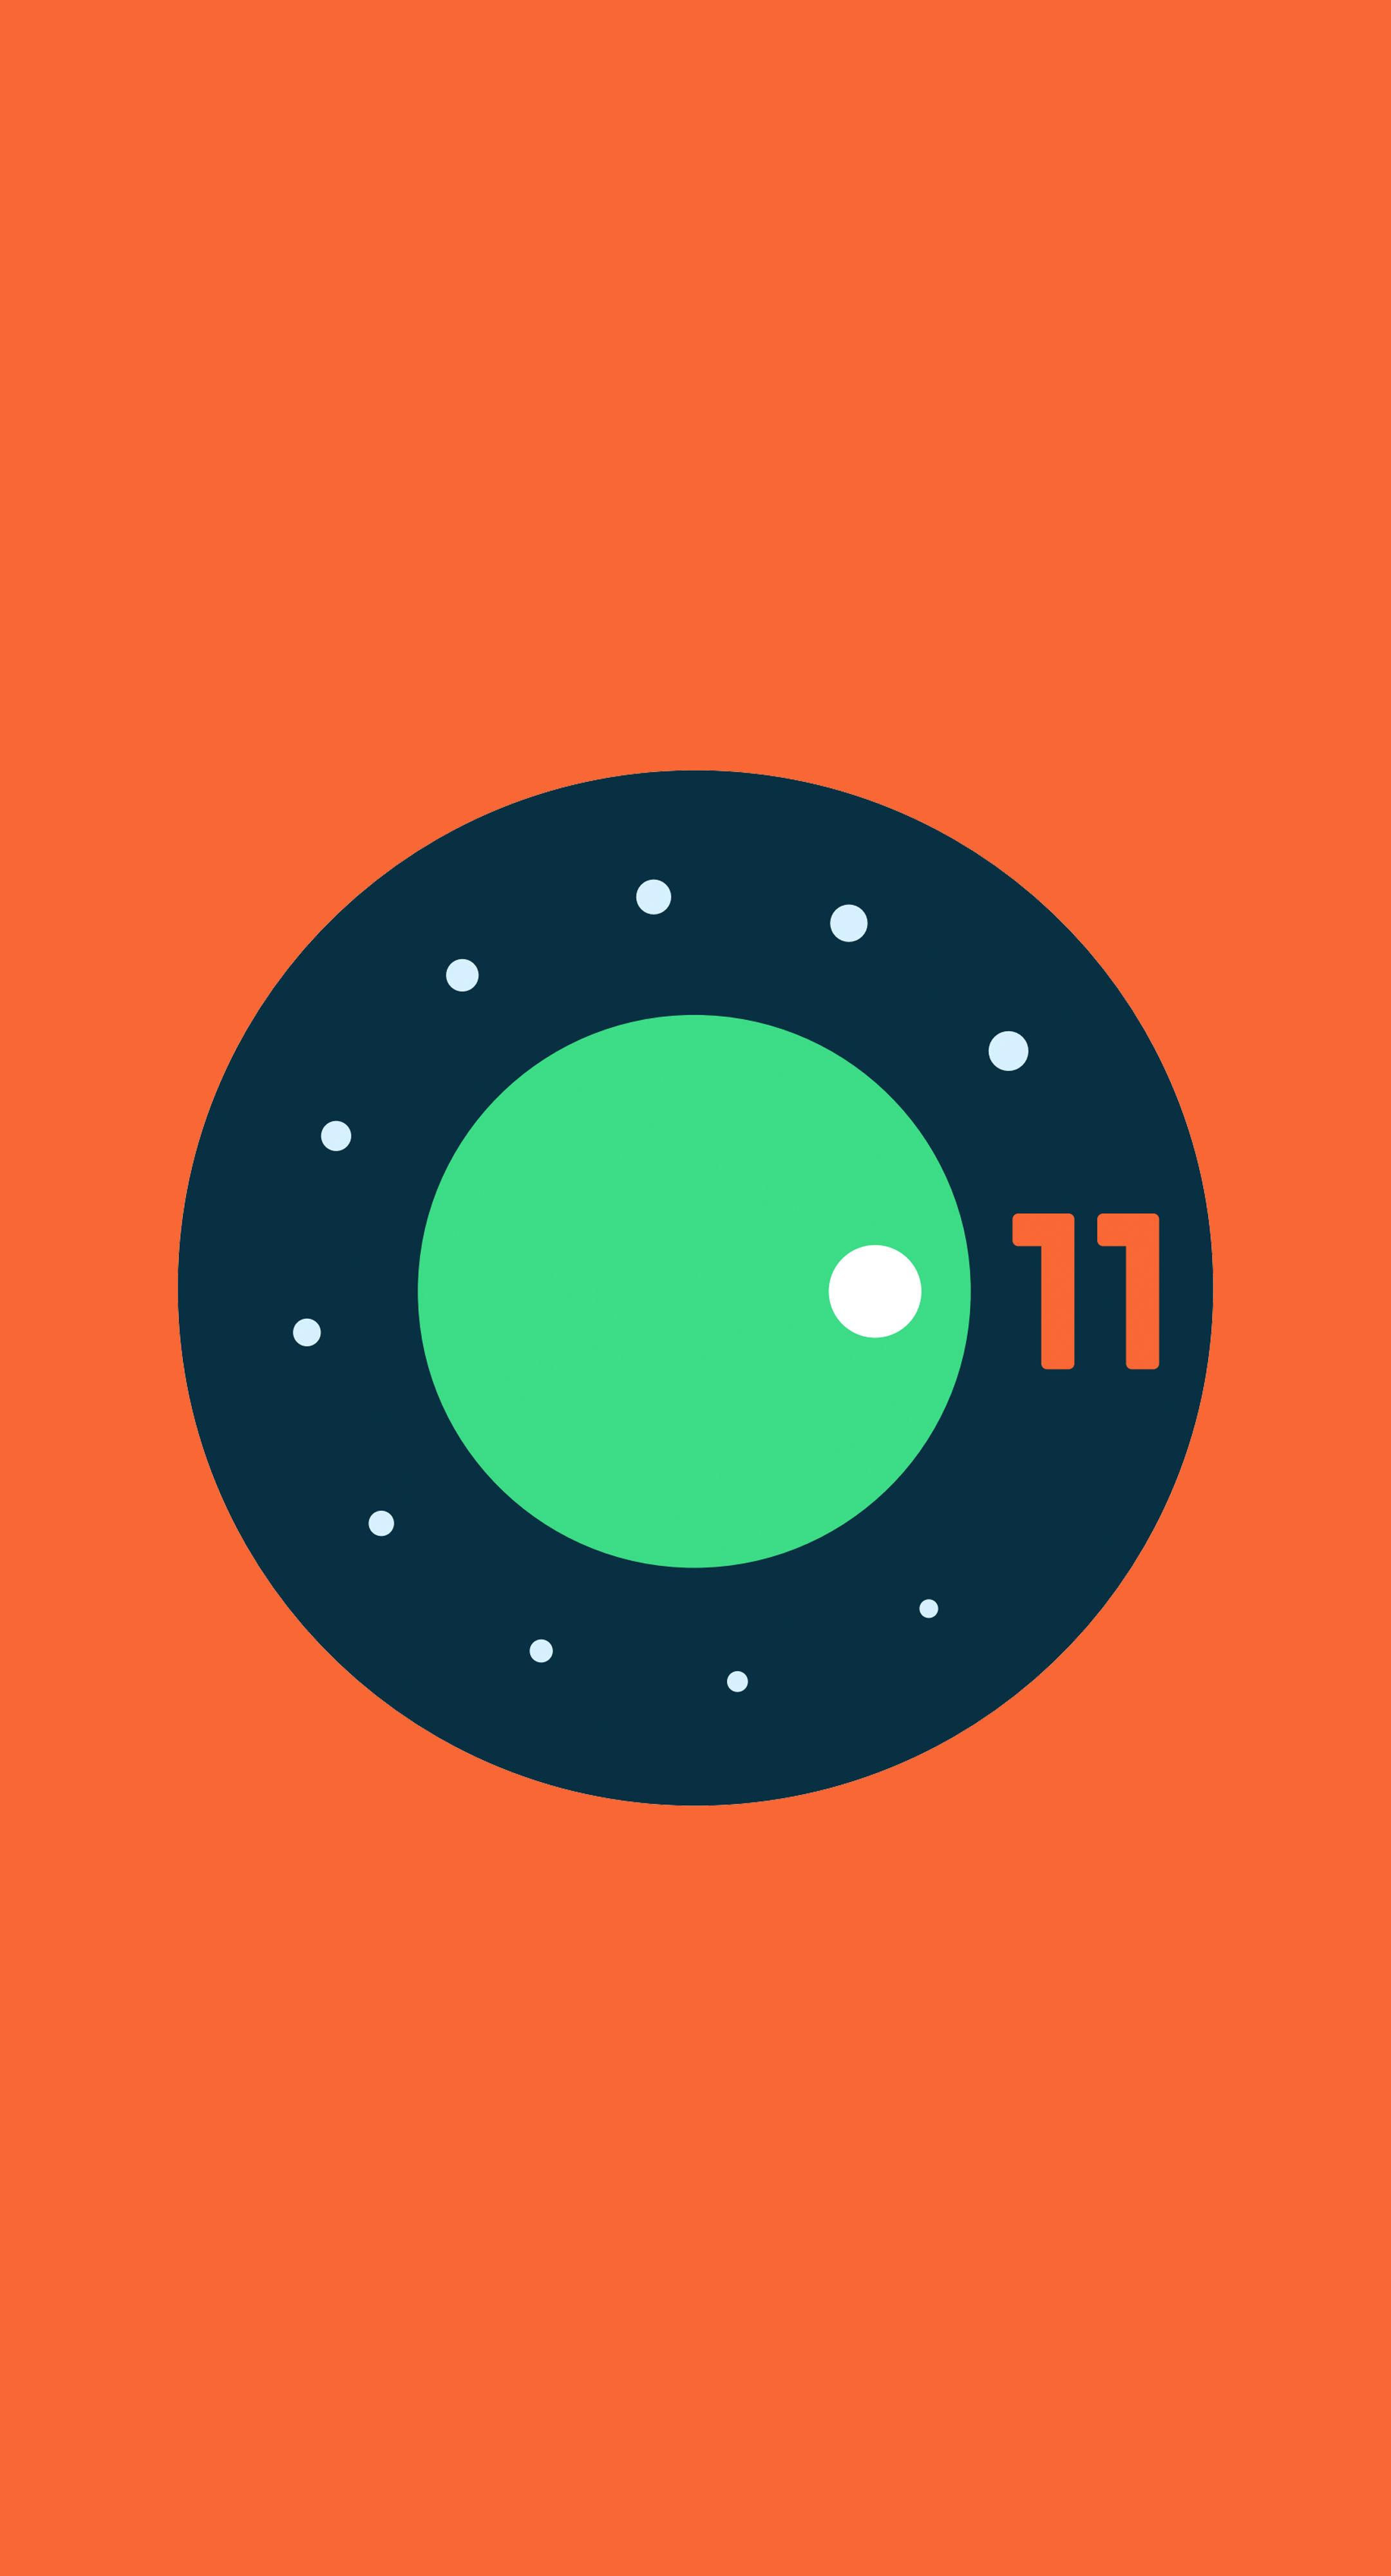 android 11 orange